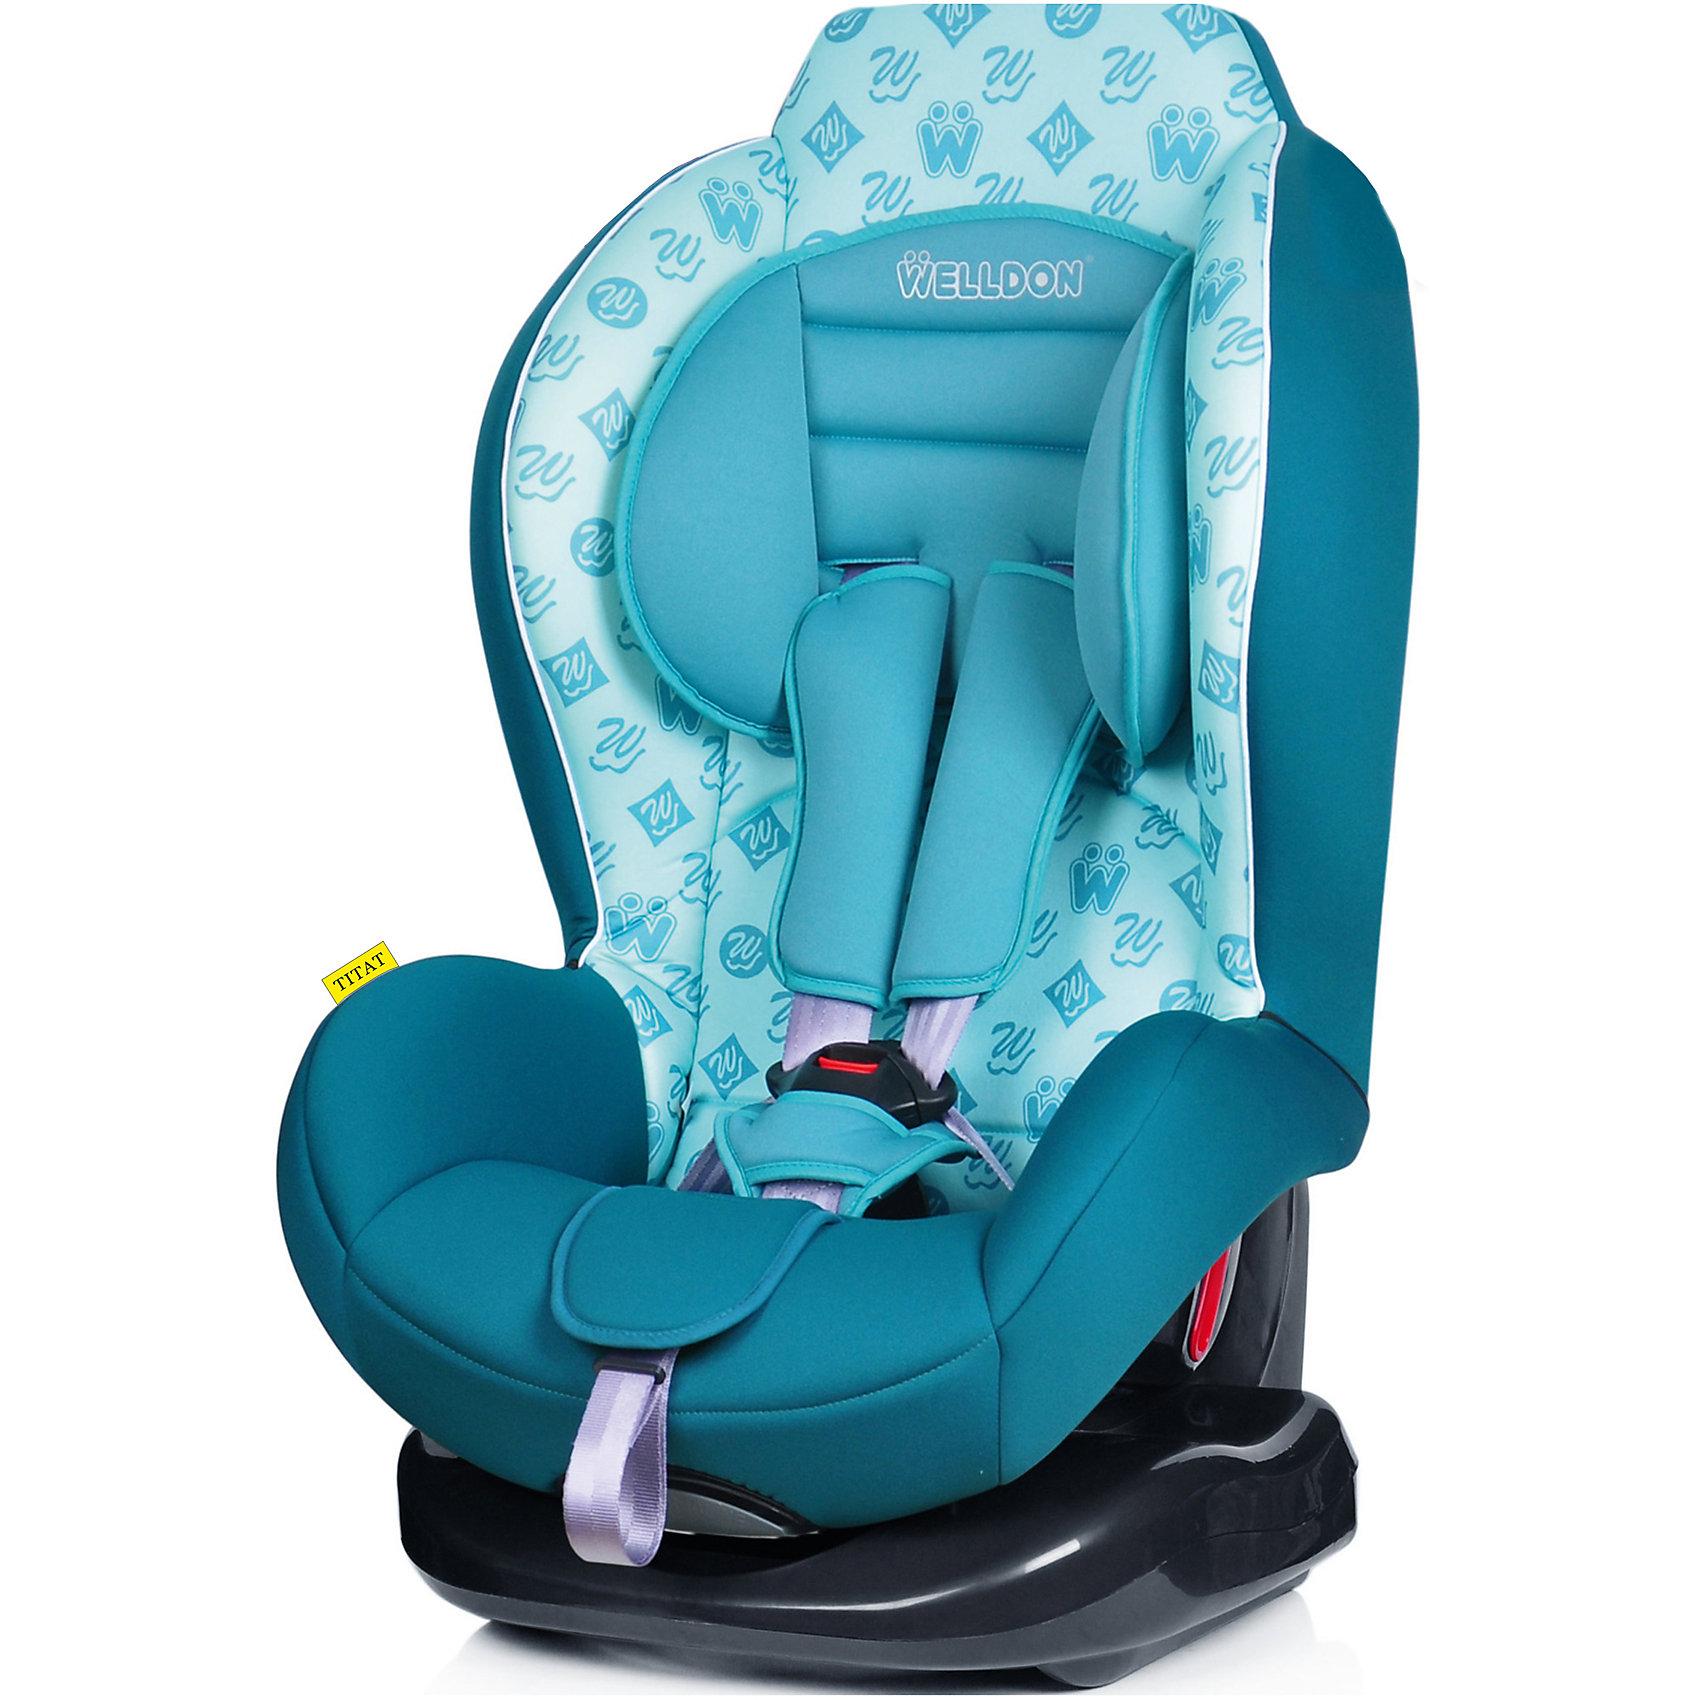 Автокресло Titat, 9-18 кг, Welldon, GreenНадежное и удобное автокресло Welldon Titat (Велдон Титат) поможет Вам с комфортом перевозить ребенка от года до 4 лет. Высокий уровень безопасности обеспечат: литая чаша кресла, усиленная боковая защита и регулируемый подголовник, который поддержит голову ребенка в безопасном положении даже во время сна. Для удобства совсем маленьких деток предусмотрена анатомическая подушка и регулируемая спинка, которая так легко раскладывается, что Вы не потревожите уснувшего малыша. Когда ребенок подрастет его можно пристегивать штатными ремнями для большего удобства. У кресла Welldon Titat (Велдон Титат) классный дизайн, его легко устанавливать, а уход за ним не требует усилий благодаря съемной обивке, которую можно стирать.<br><br>Дополнительная информация:<br><br>- Соответствует Европейскому стандарту безопасности ЕСЕ R44/04;<br>- Группа: 1 (9-18 кг);<br>- Кресло надежно крепится в автомобиле штатными ремнями;<br>- Улучшенная боковая защита;<br>- Надежные пятиточечные ремни безопасности;<br>- Регулируемый наклон спинки - 5 положений;<br>- Регулируемый подголовник;<br>- Классный дизайн;<br>- Анатомическая подушка для маленьких детей;<br>- Обивку легко снимать и стирать;<br>- Цвет: Green;<br>- Размер кресла: 39 x 48 x 65 см; <br>- Вес: 6 кг.<br><br>Автокресло Welldon Titat (Велдон Титат), 9-18 кг, Welldon, Green, можно купить в нашем интернет-магазине.<br><br>Ширина мм: 920<br>Глубина мм: 470<br>Высота мм: 570<br>Вес г: 16000<br>Возраст от месяцев: 9<br>Возраст до месяцев: 48<br>Пол: Унисекс<br>Возраст: Детский<br>SKU: 3973980